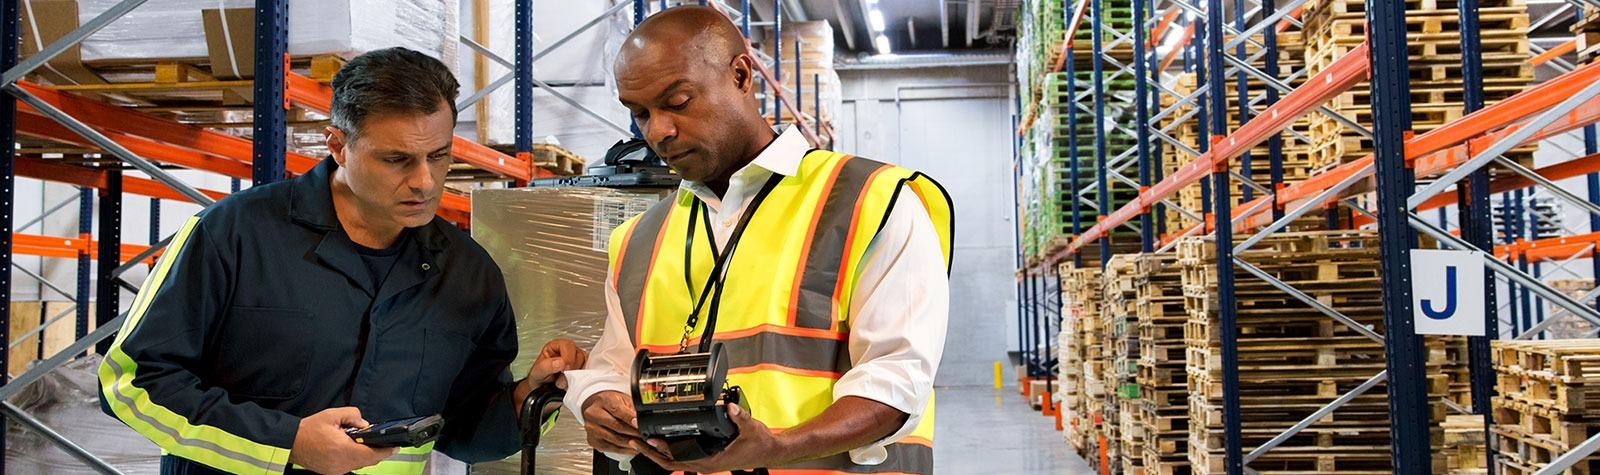 Les solutions industrielles Zebra sont conçues pour les défis de votre environnement